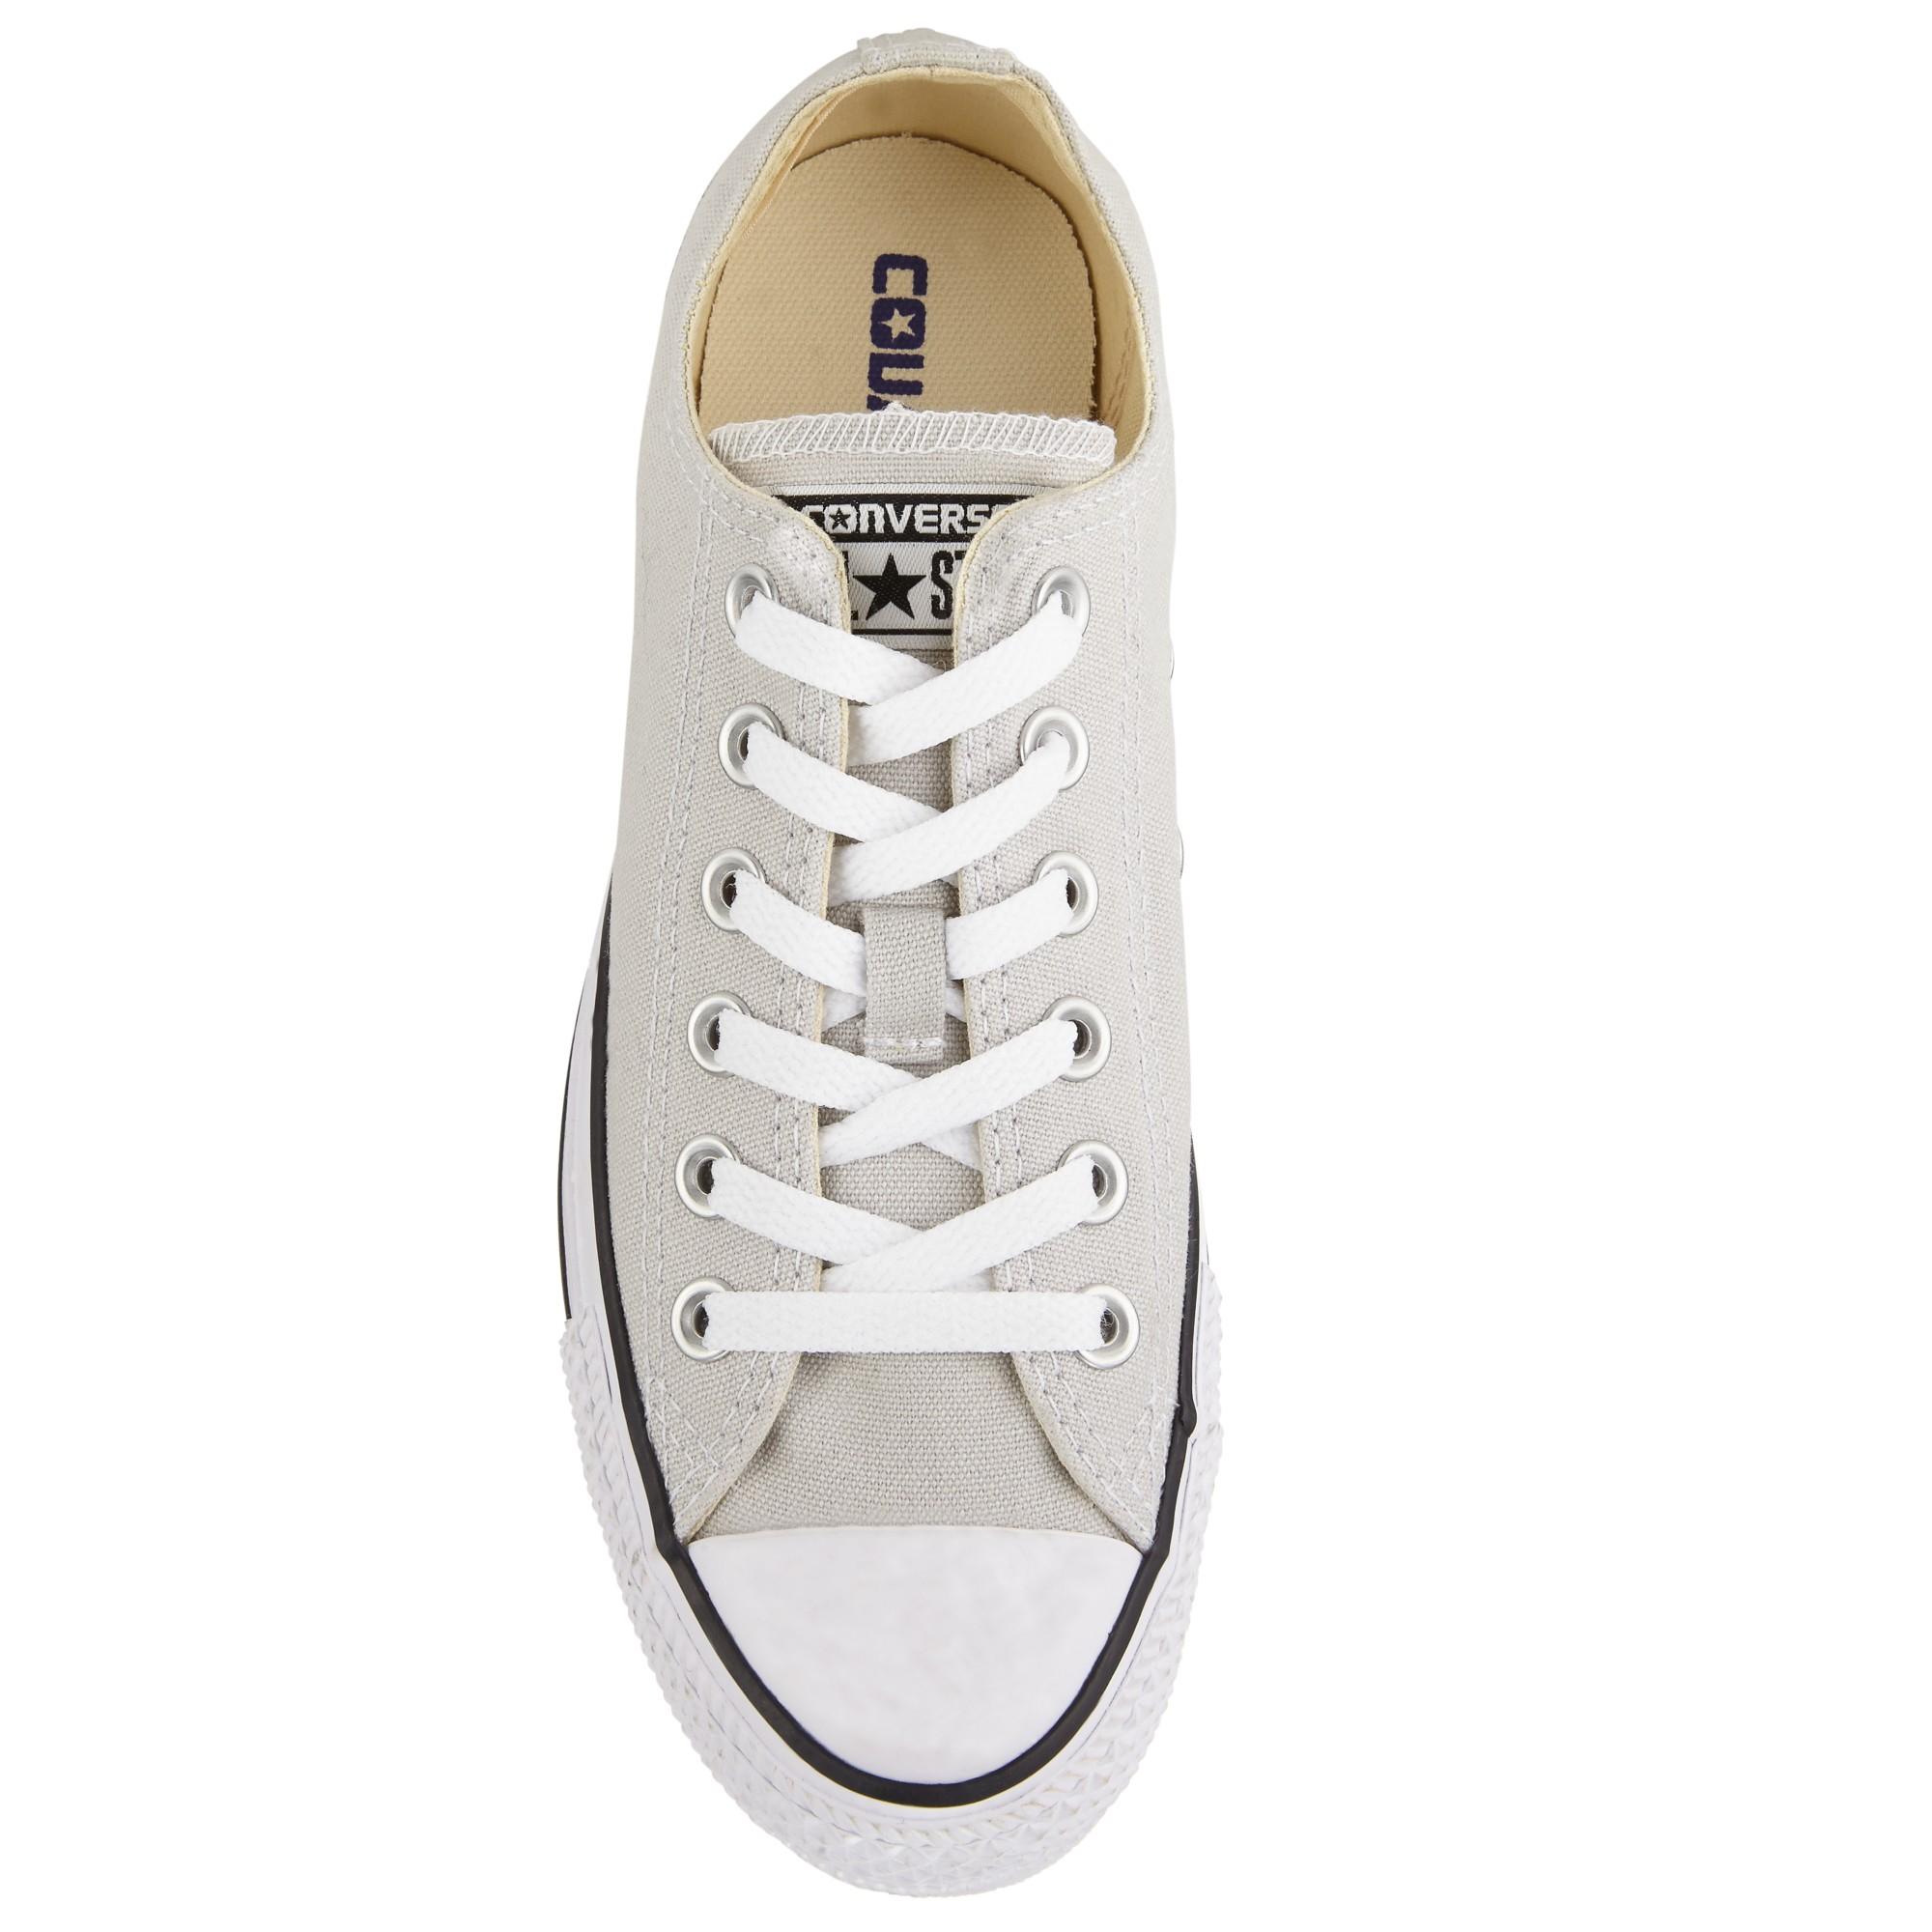 Converse Shoe Earrings